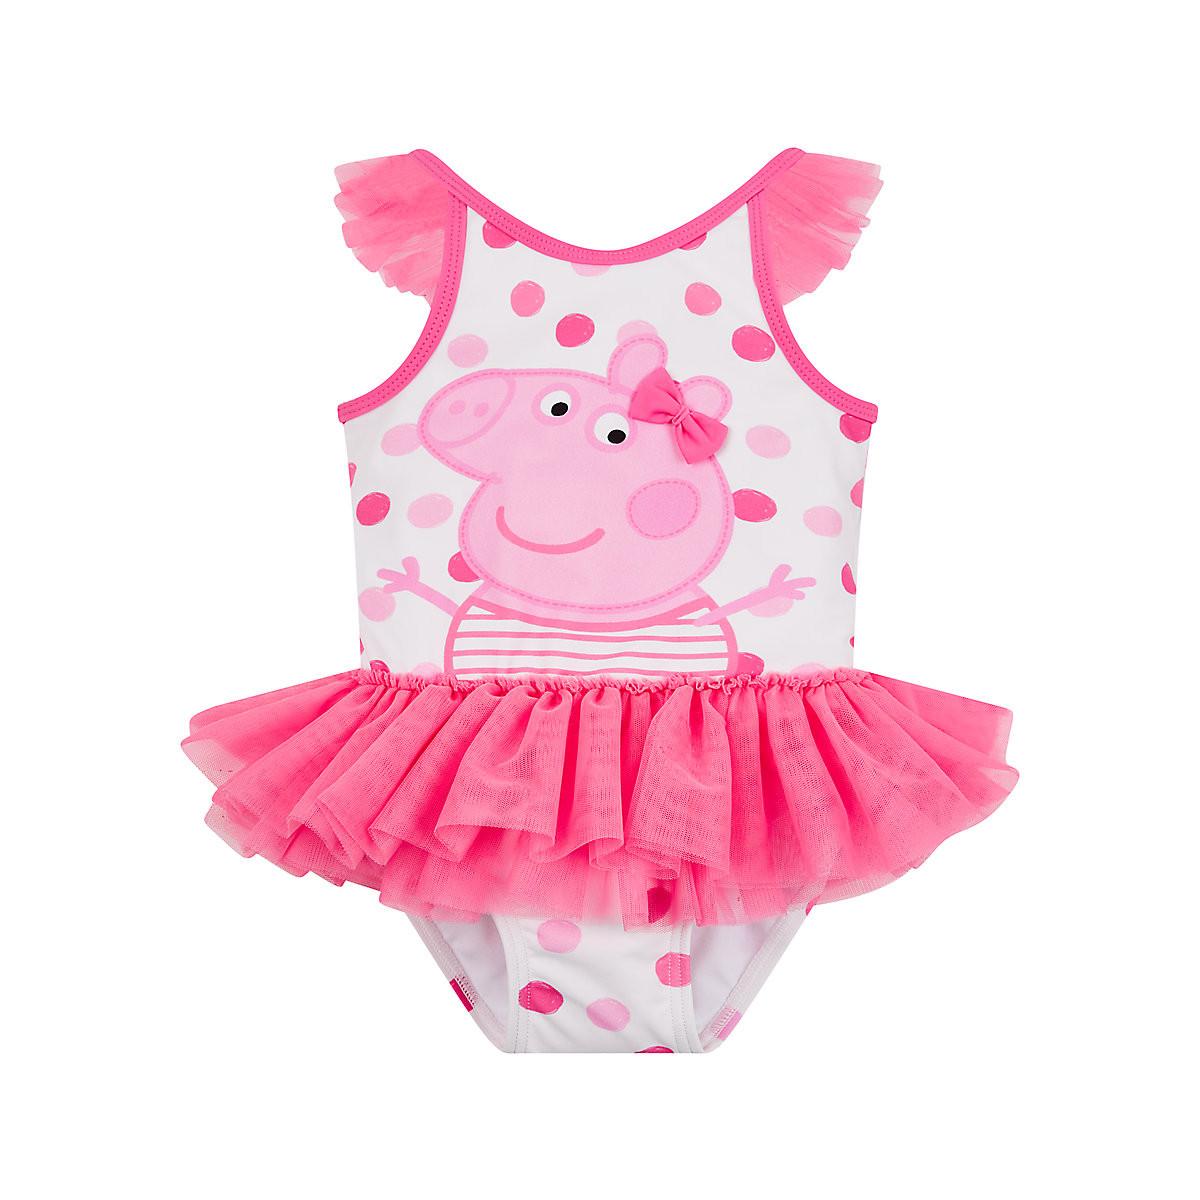 daf32b547f Peppa Pig Tutu swimsuit. Tutu swimsuit